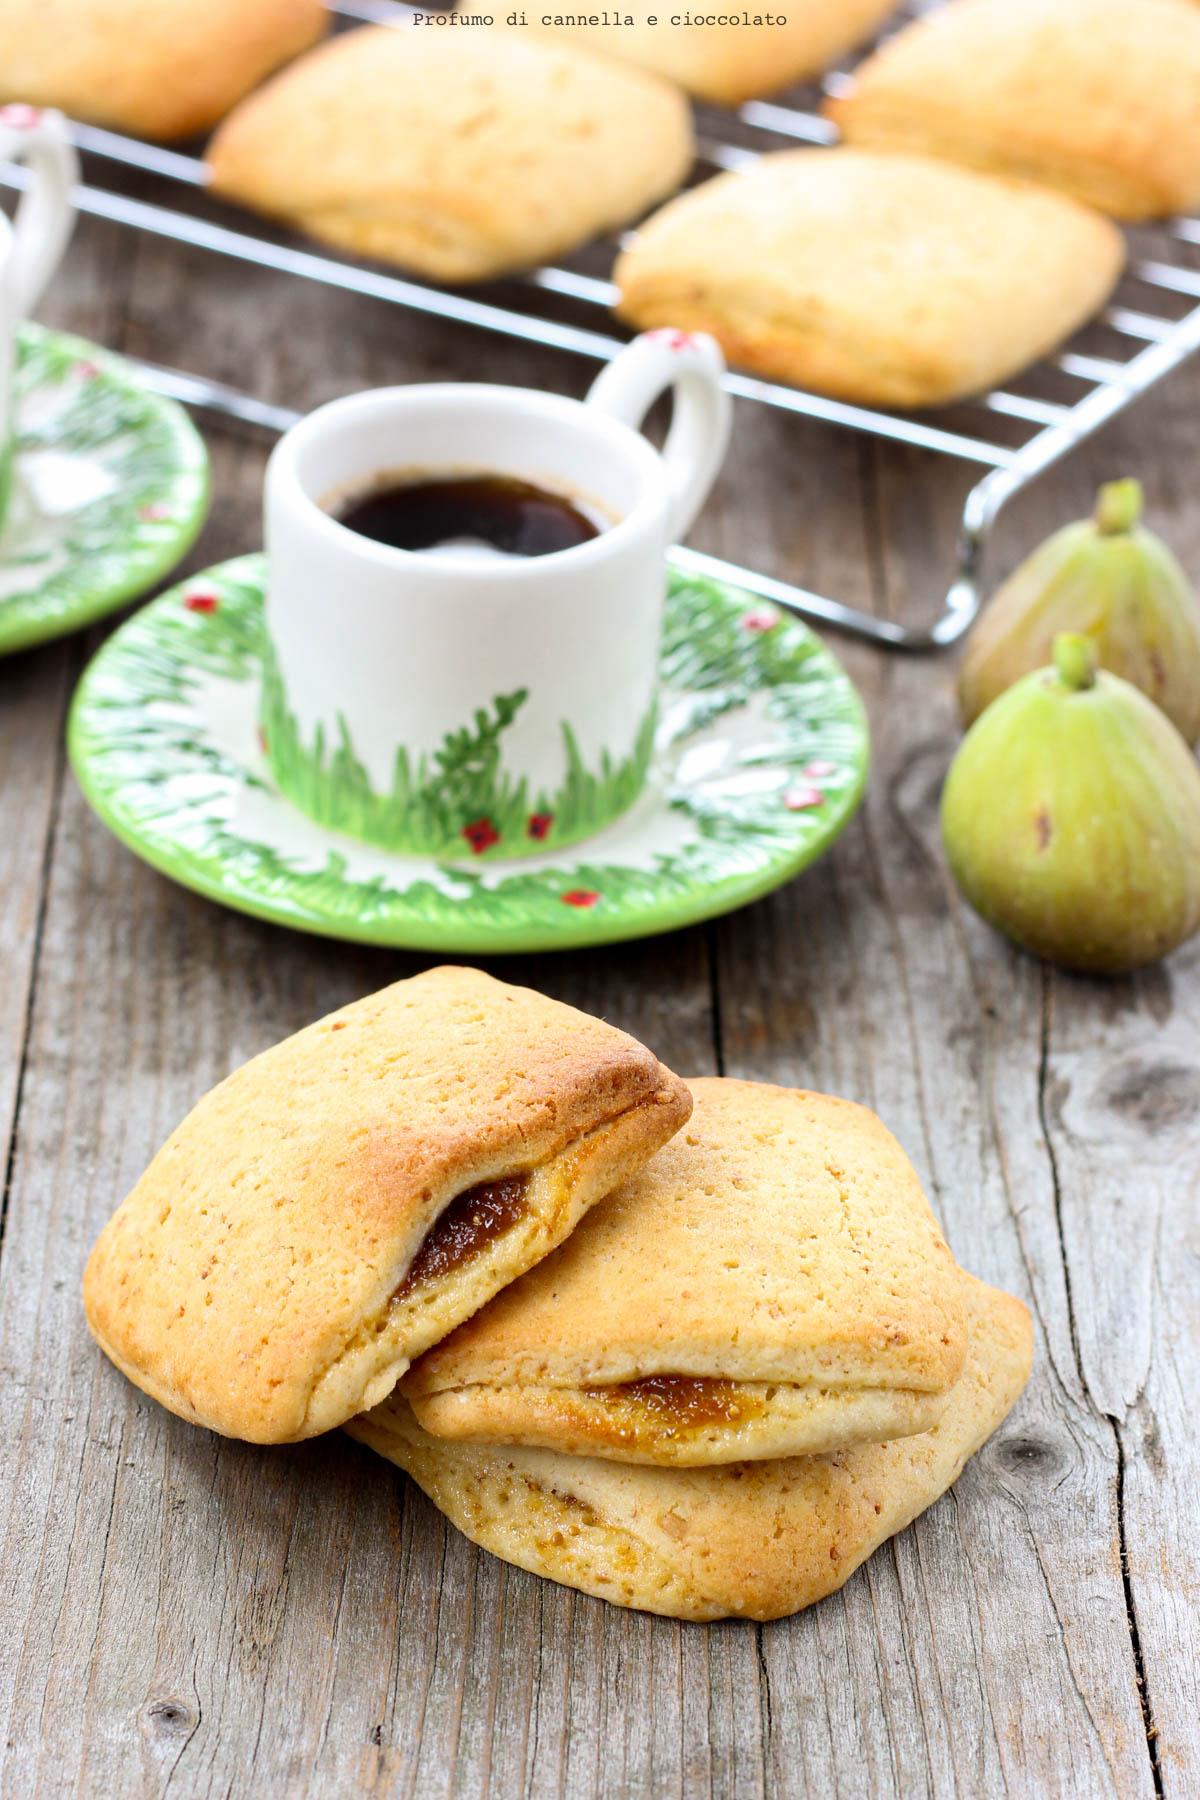 Biscotti con confettura di fichi